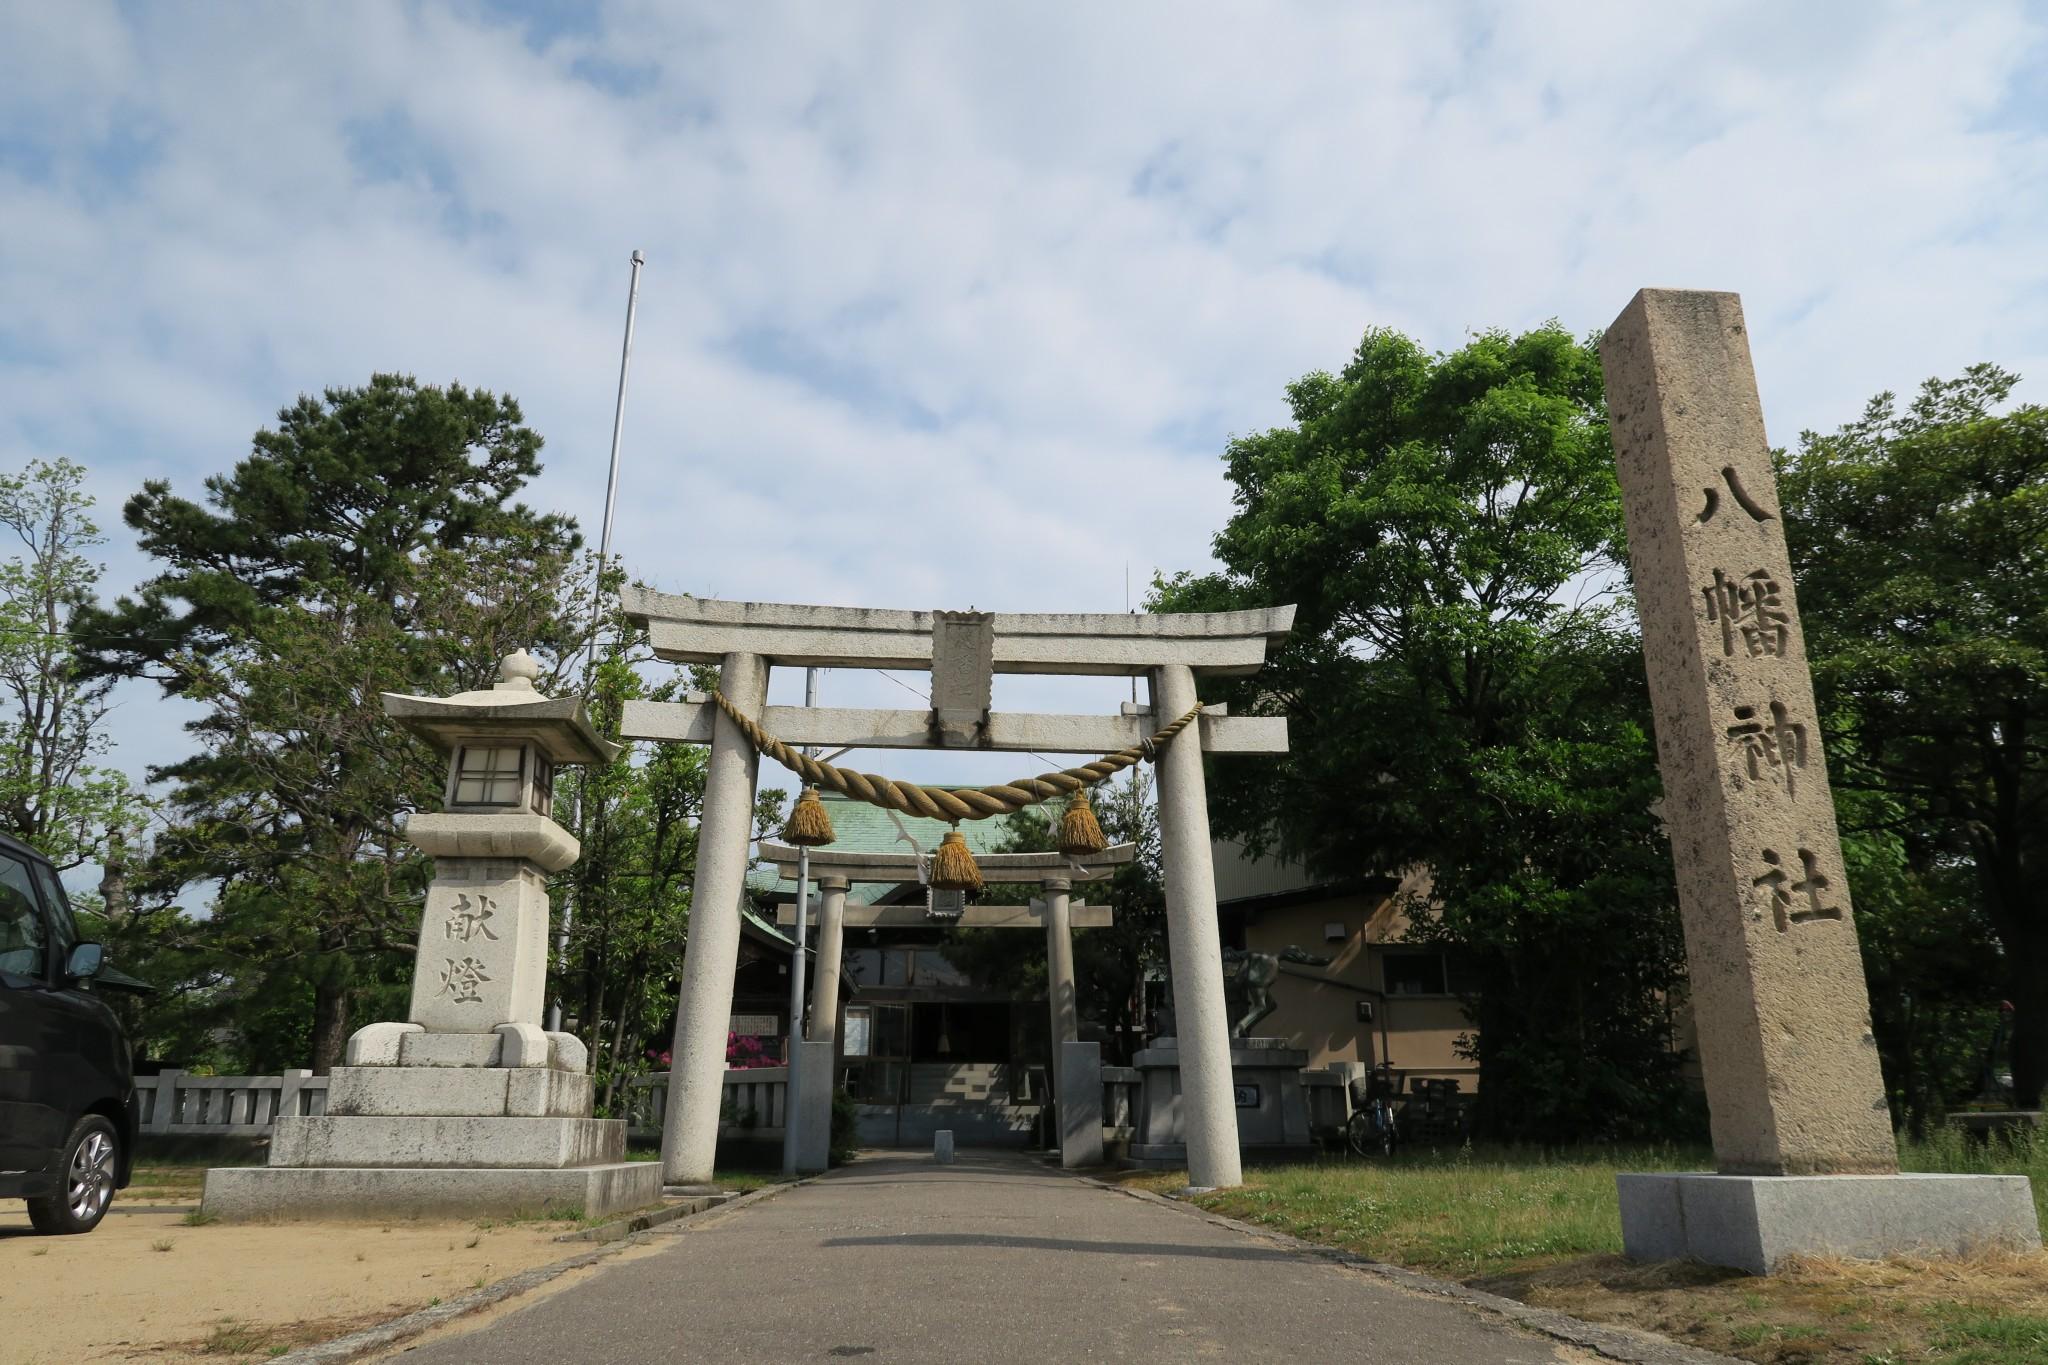 八幡神社 正面第二鳥居より